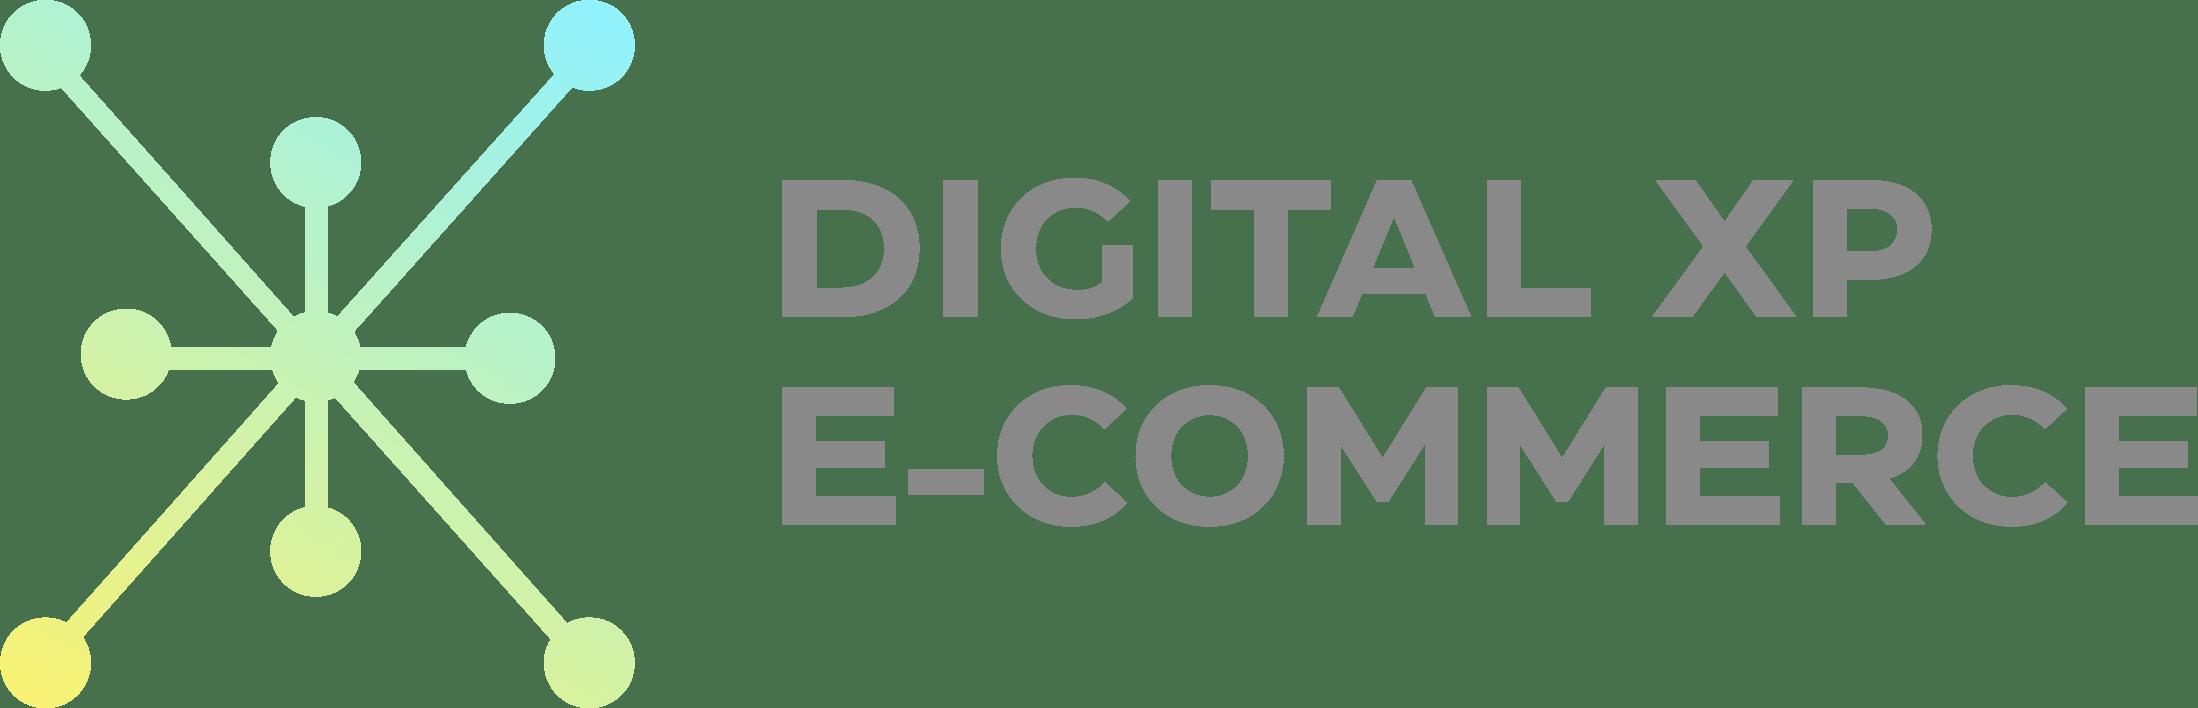 Digital XP Ecommerce